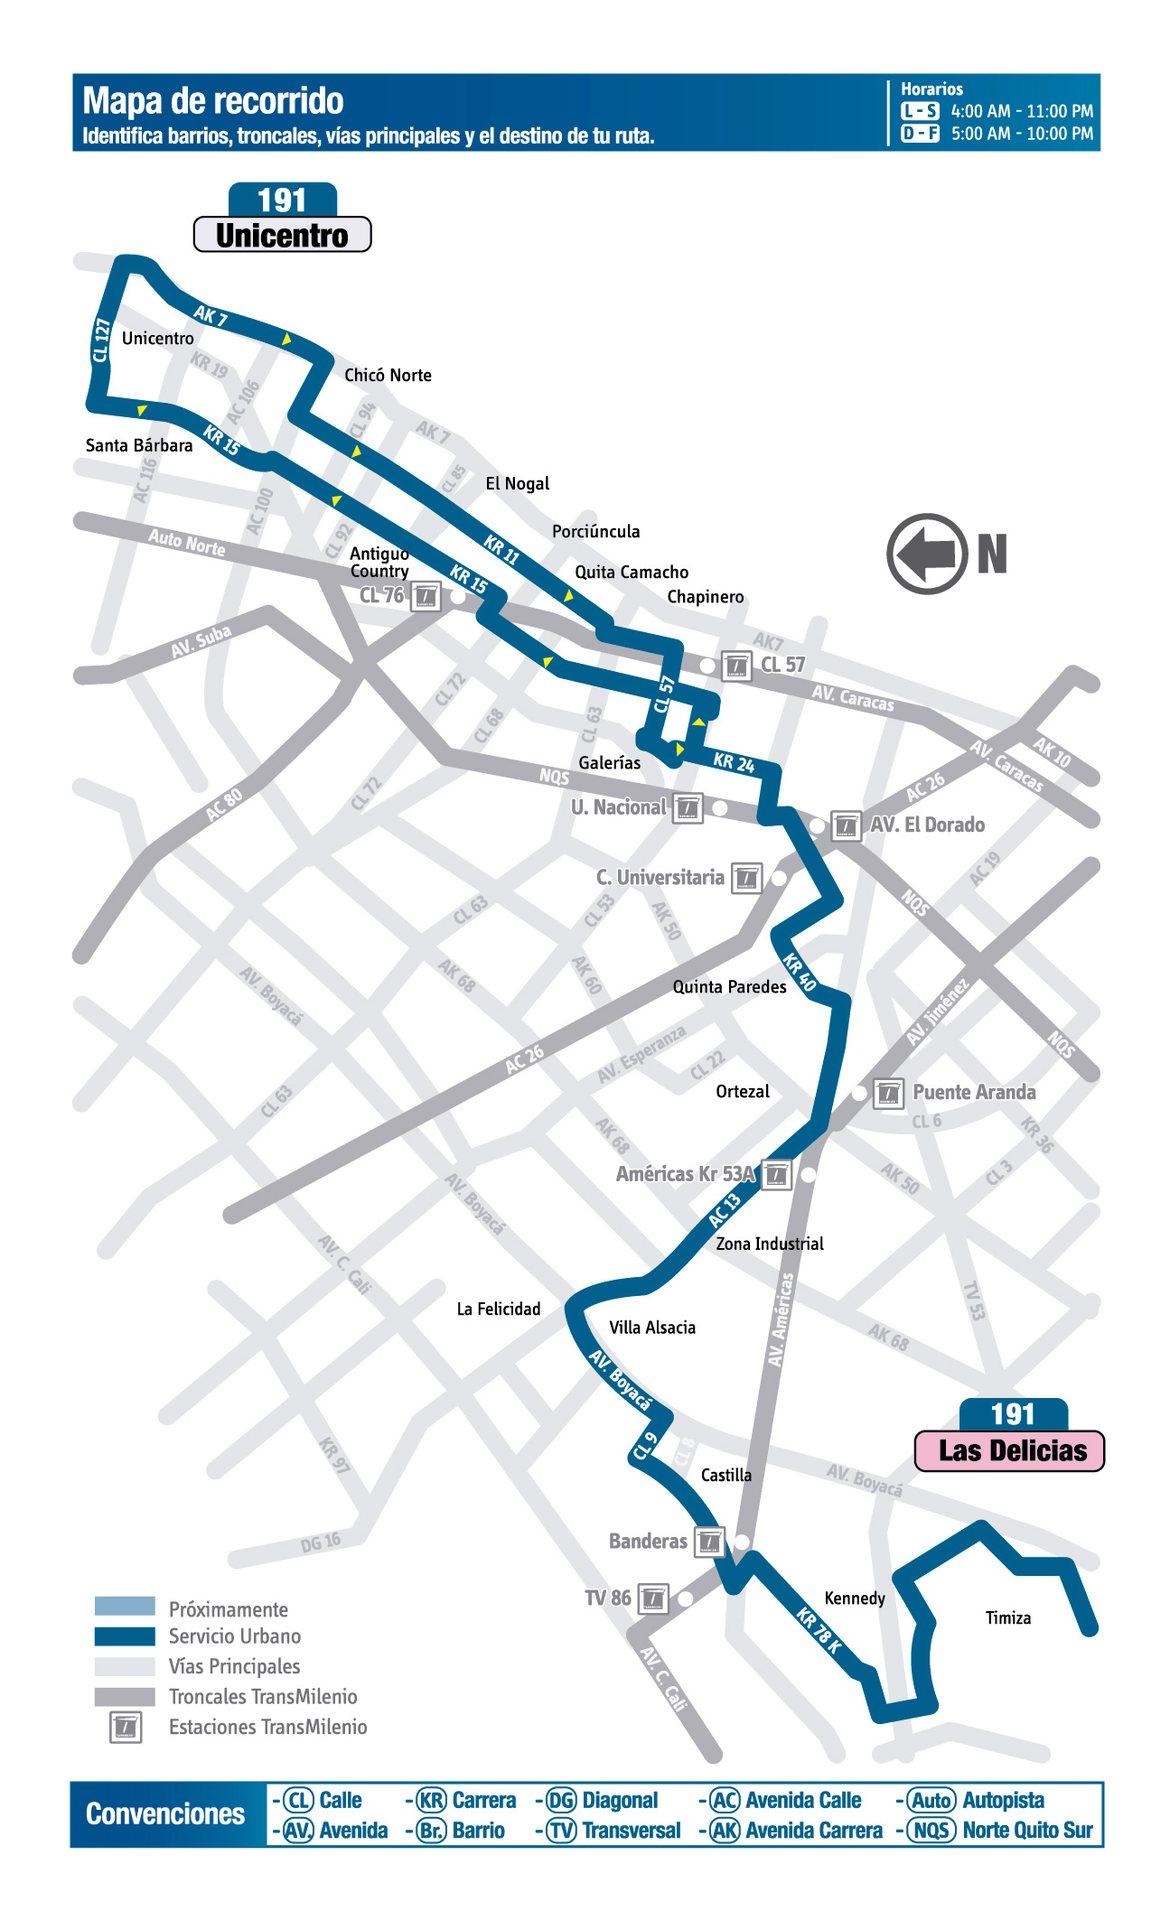 Ruta 191: Unicentro - Las Delicias [Urbana] 2